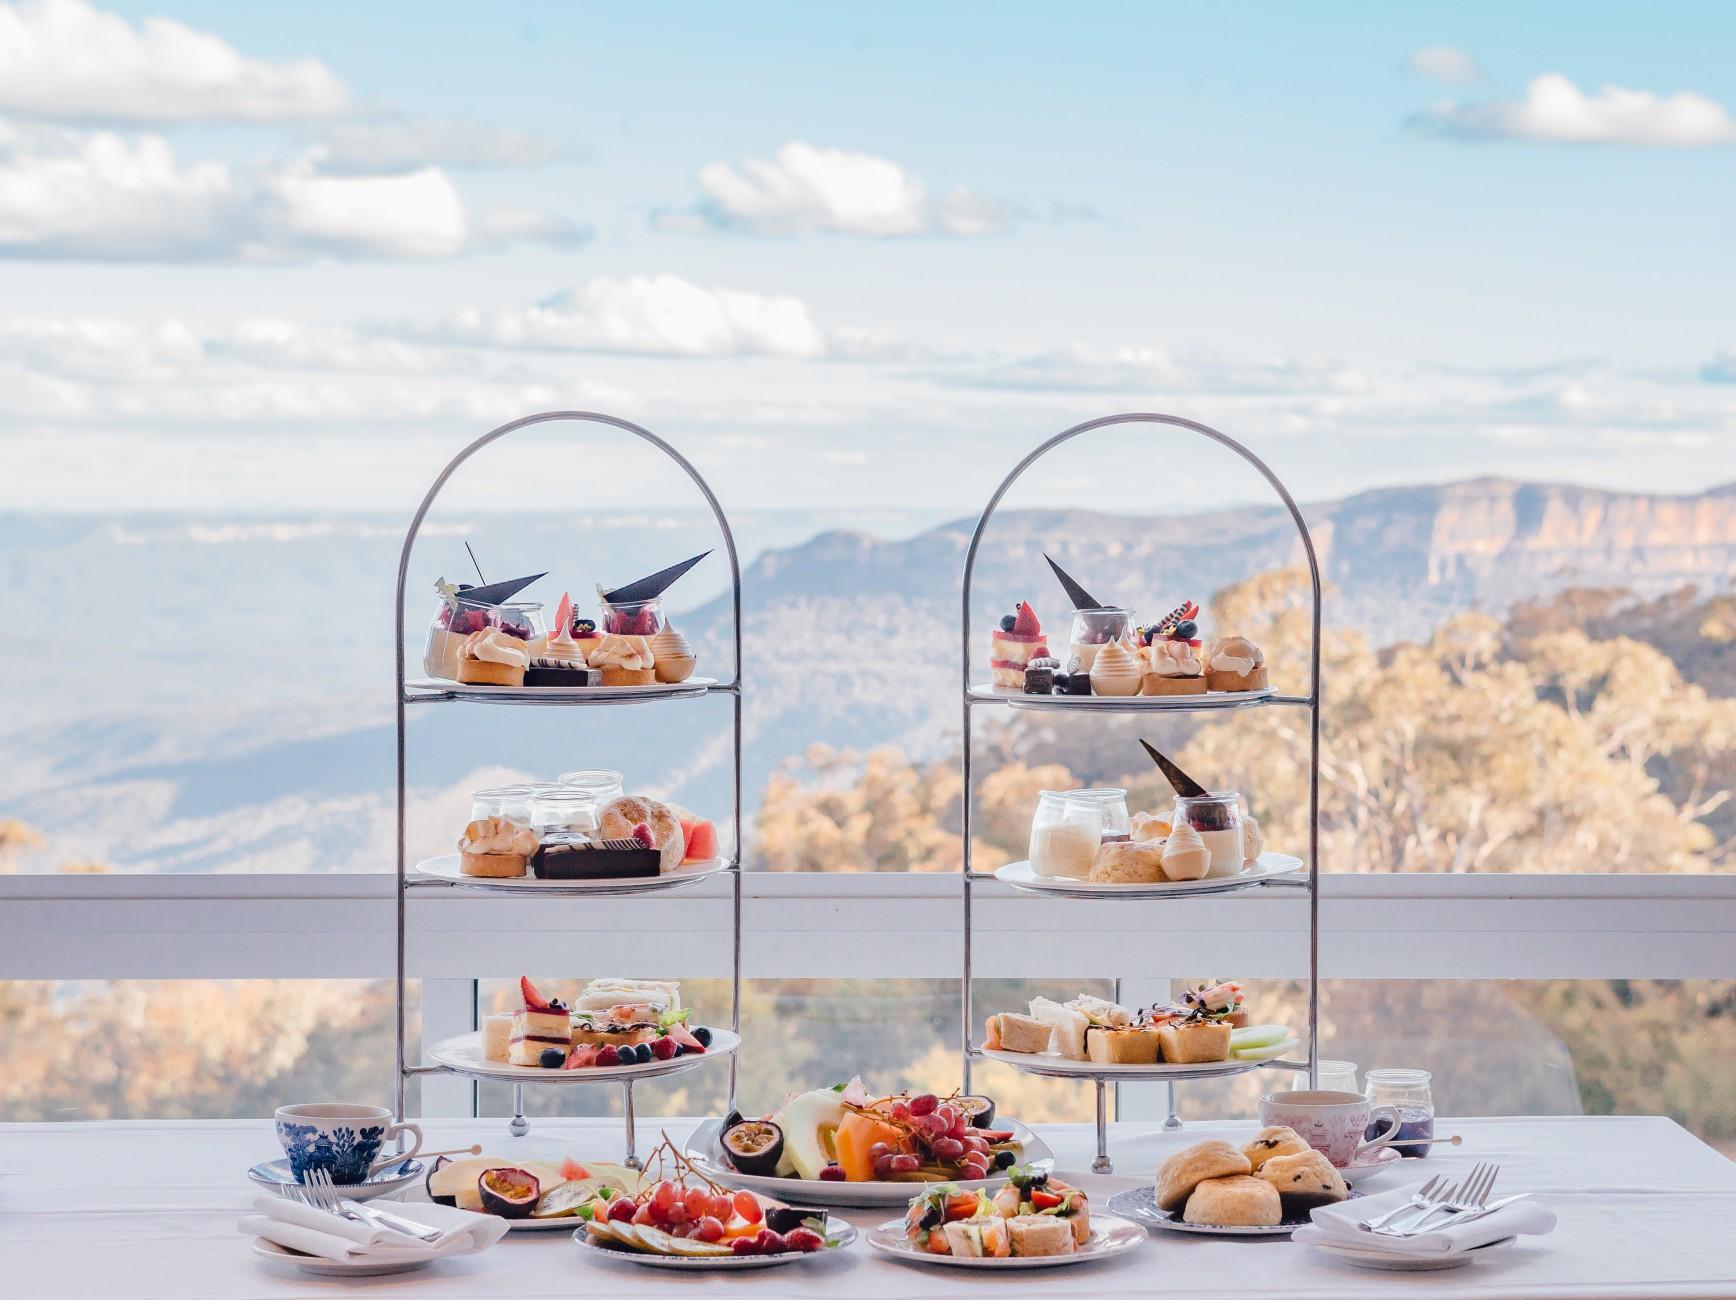 Fairmont Resort, Leura, High Tea